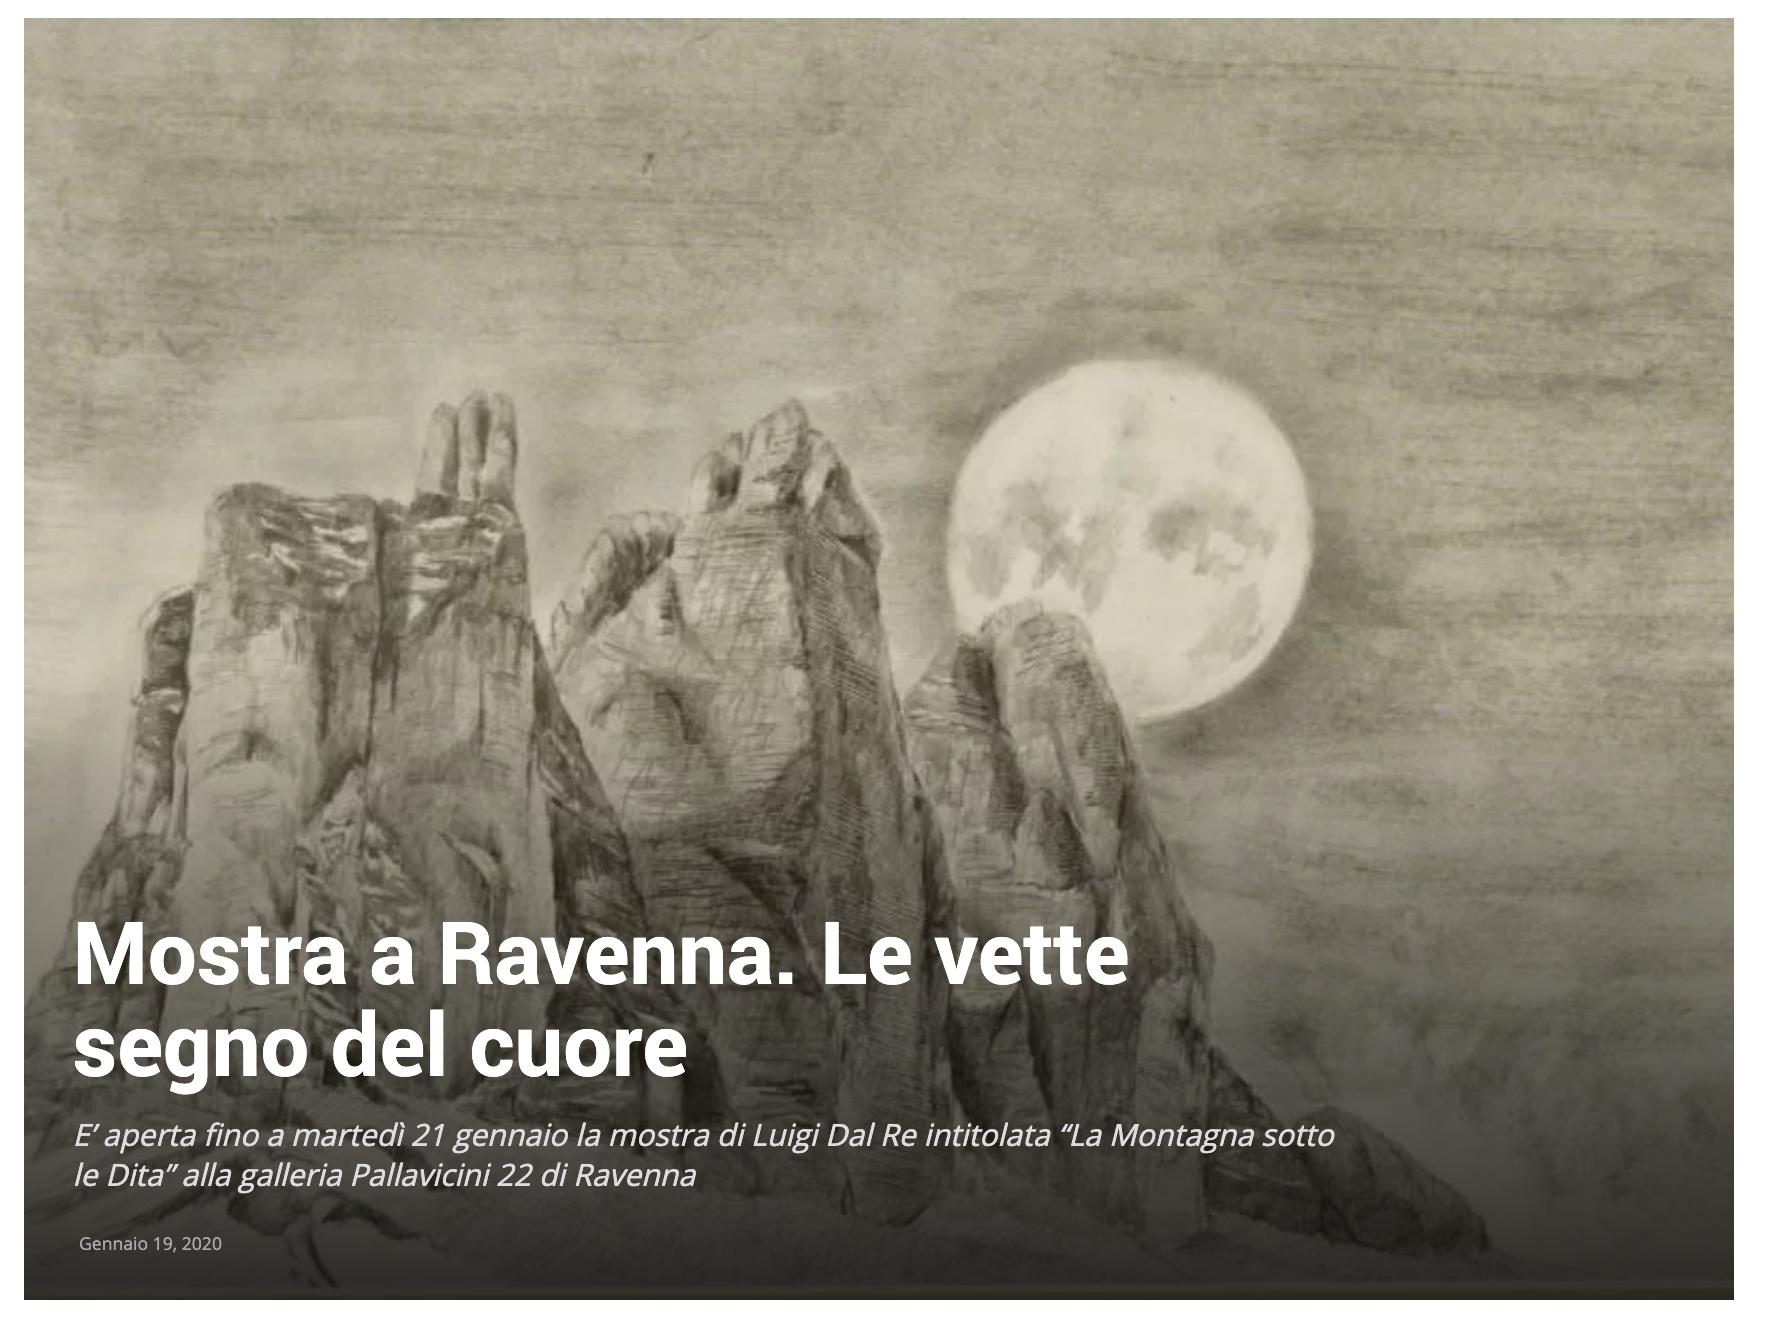 La montagna sotto le dita - Luigi Dal Re su RomagnaUno | Pallavicini22 spazio espositivo Ravenna